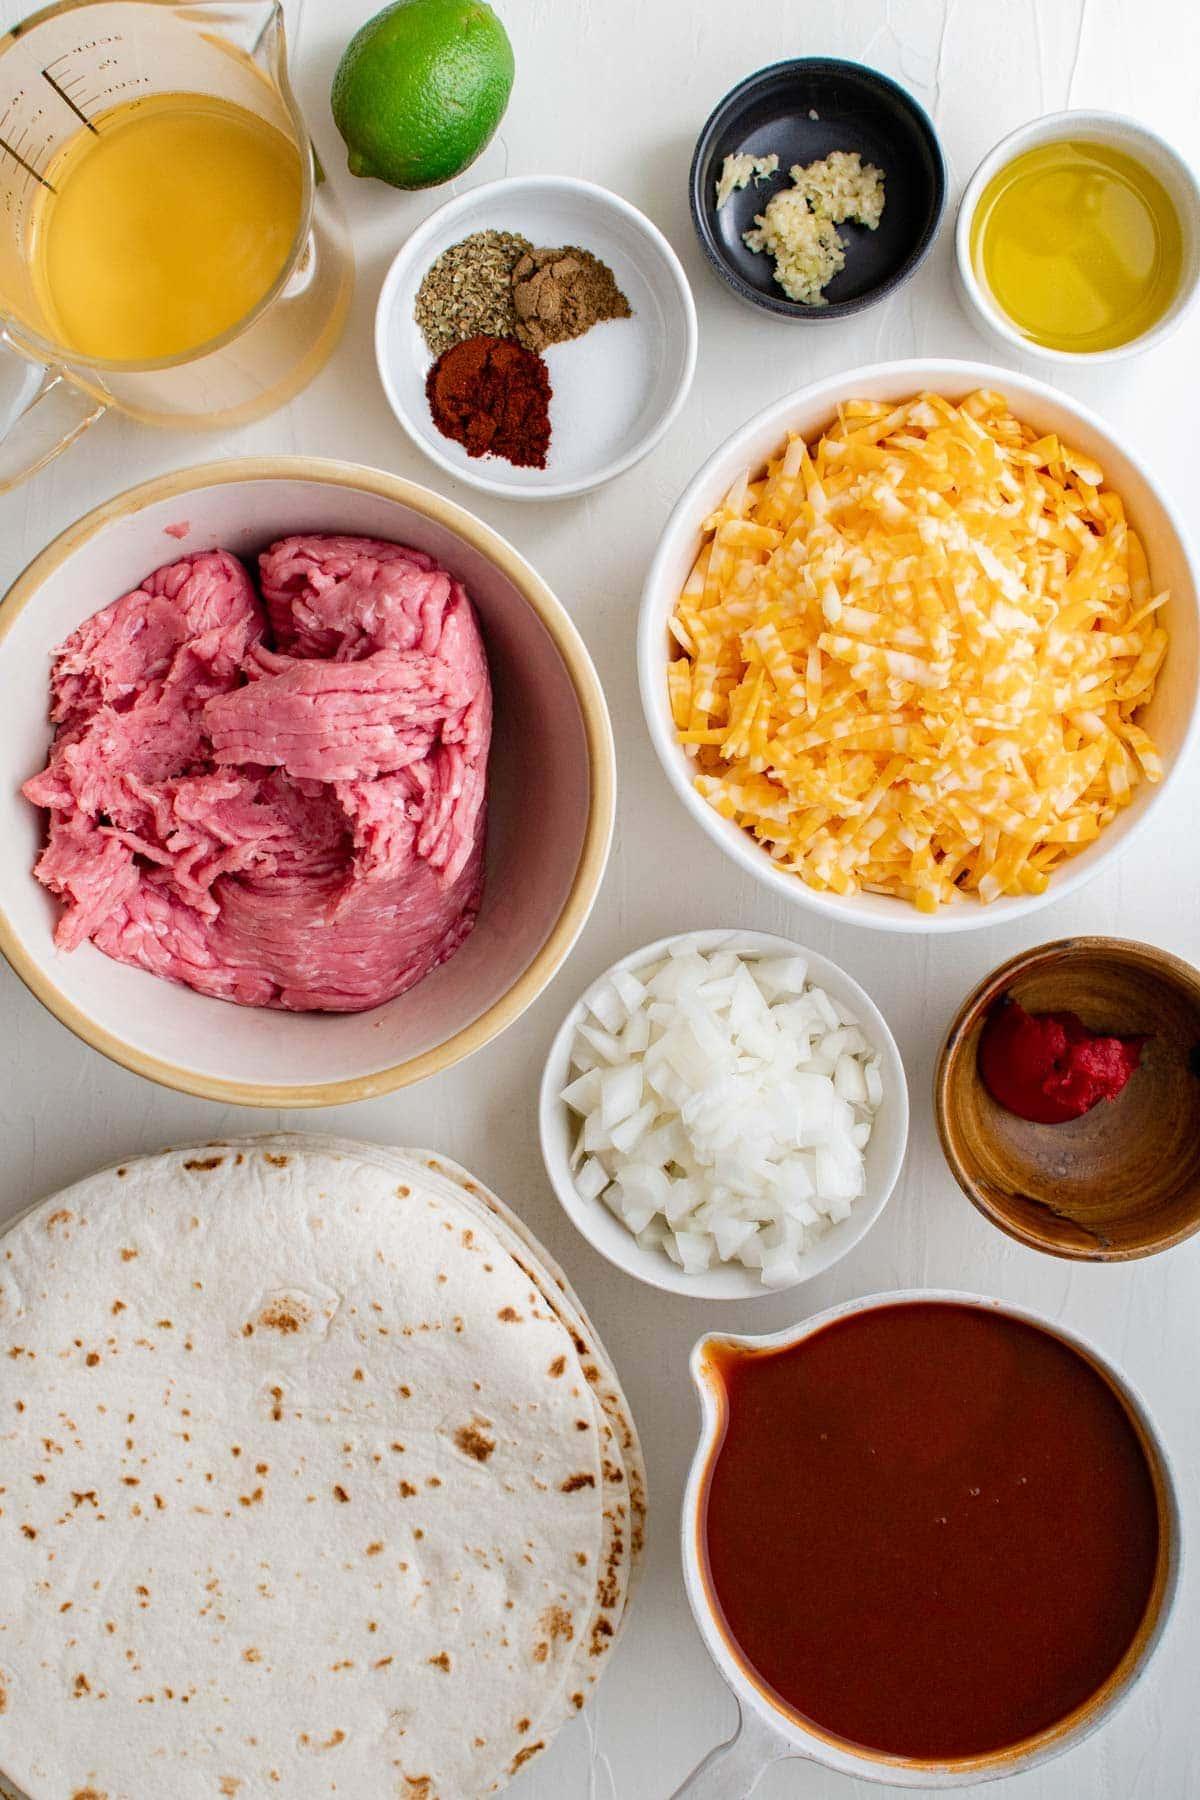 ingredients for ground turkey enchiladas in small bowls, tortillas